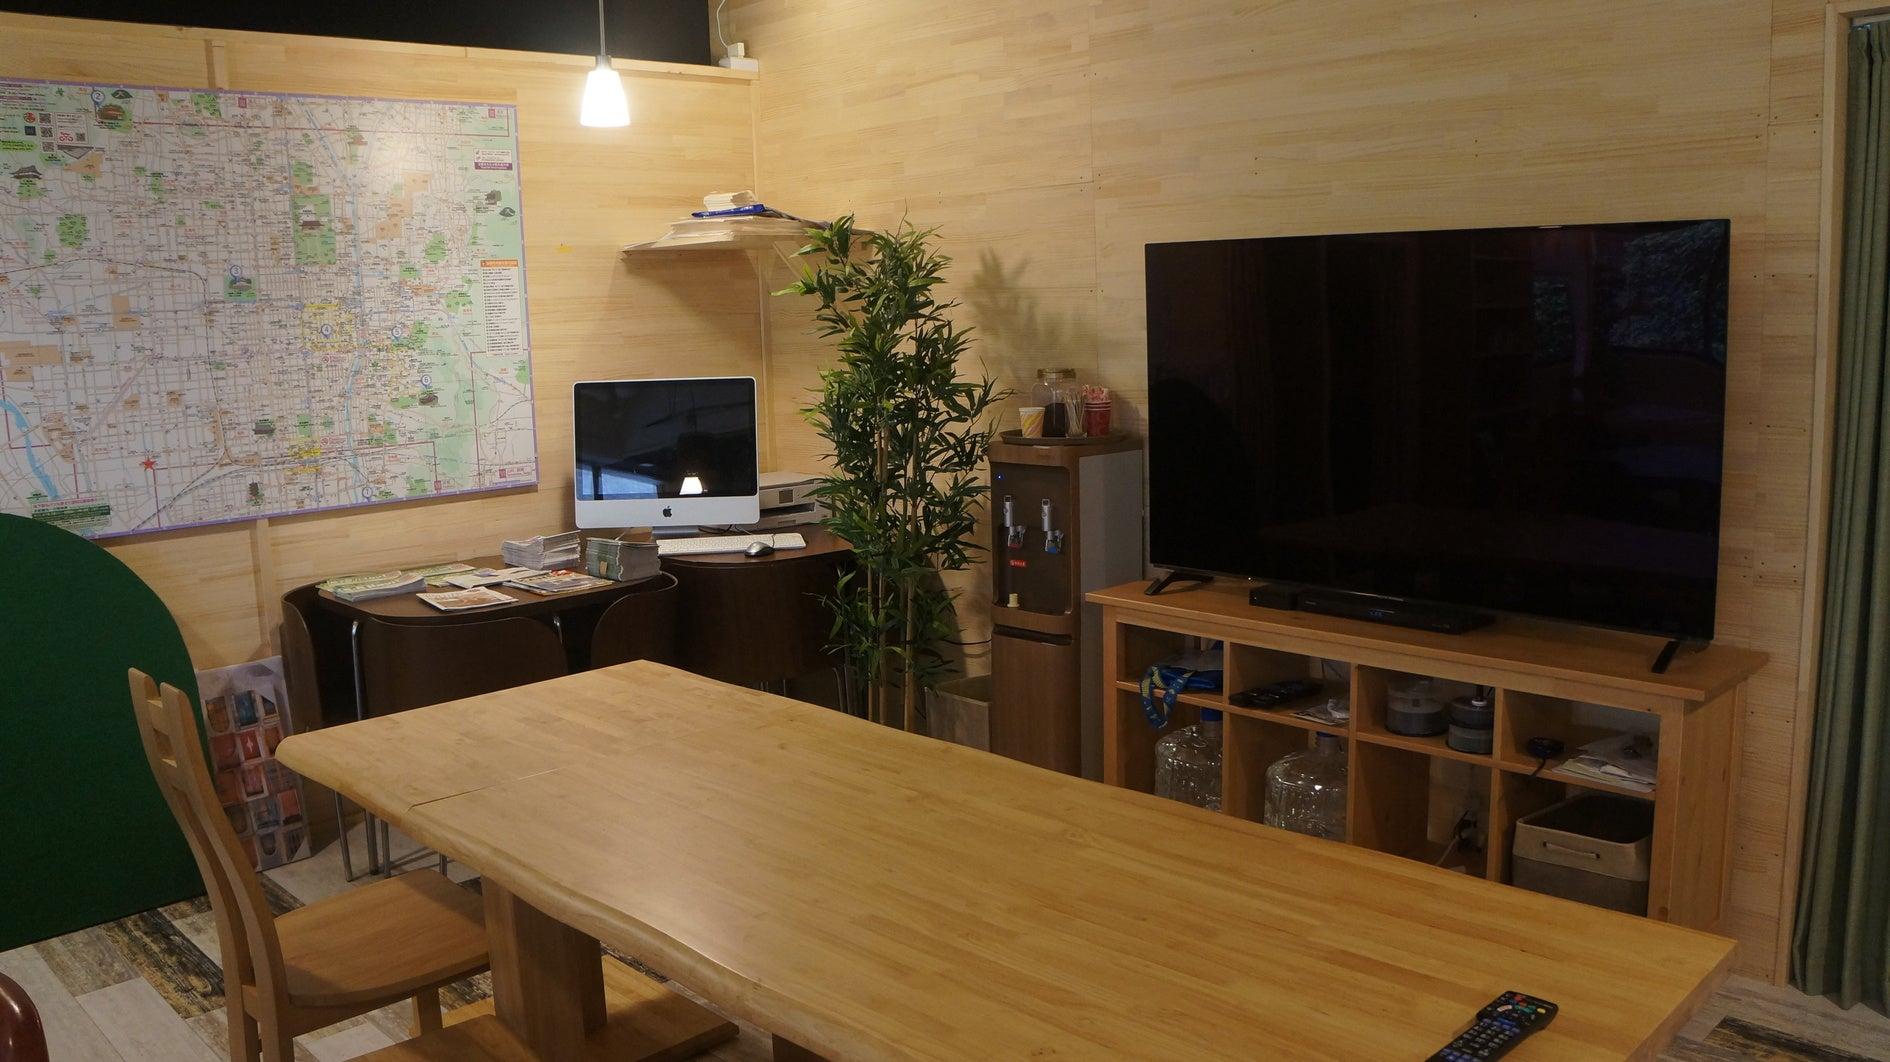 京都駅すぐ☆キッチン付きカフェをまるまる貸切☆最大40人利用可能 の写真